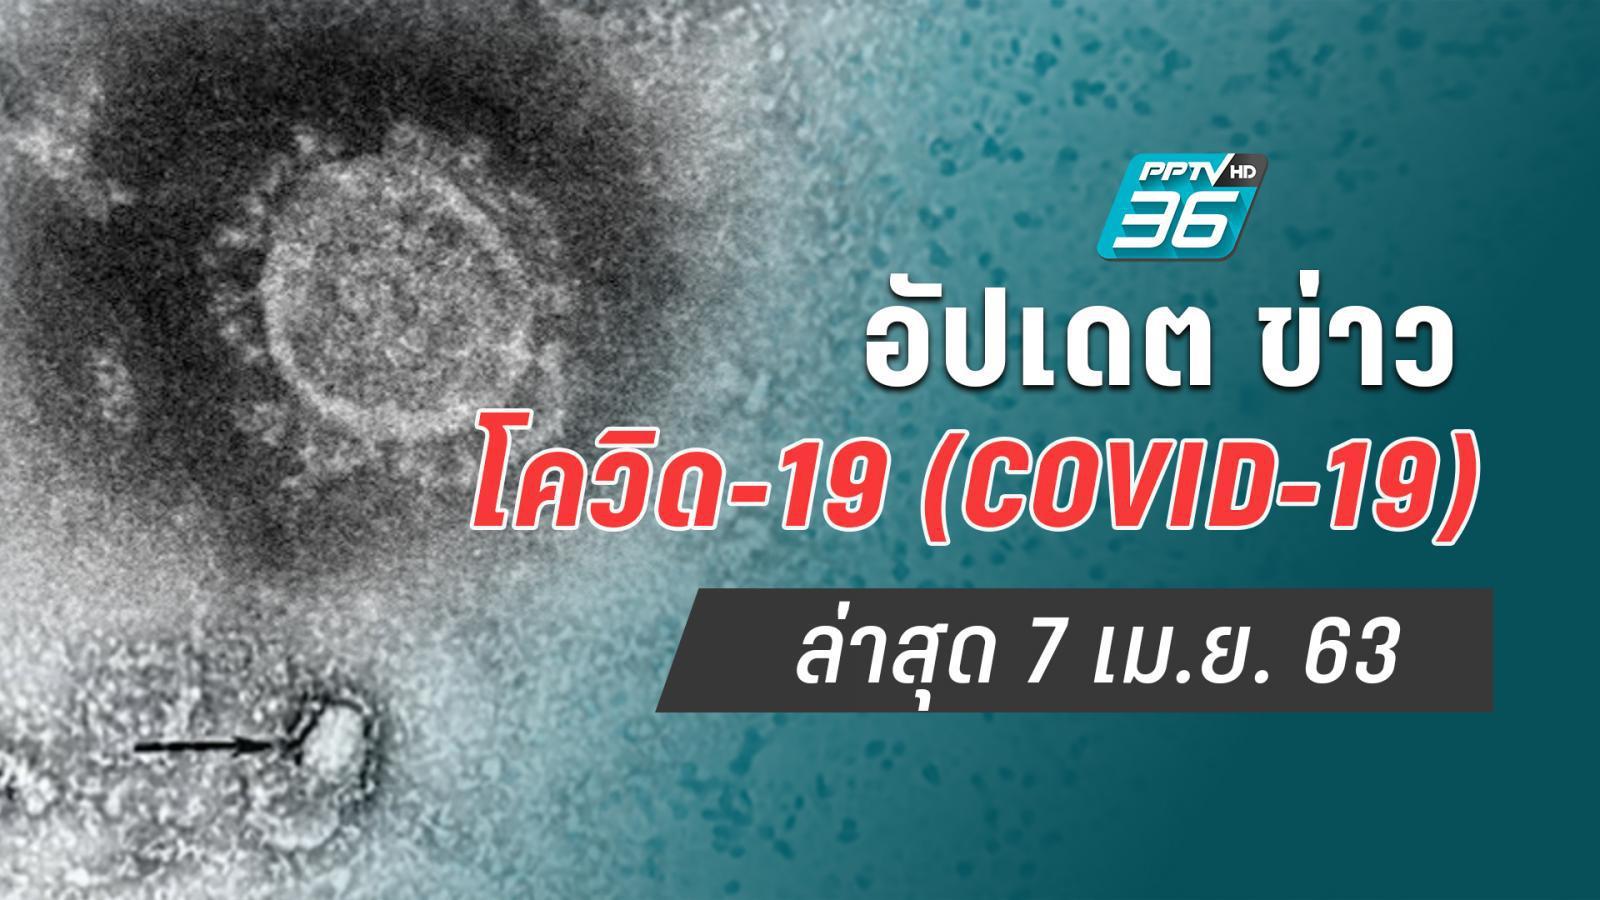 อัปเดตข่าวโควิด-19 (COVID-19) ล่าสุด 7 เม.ย. 63